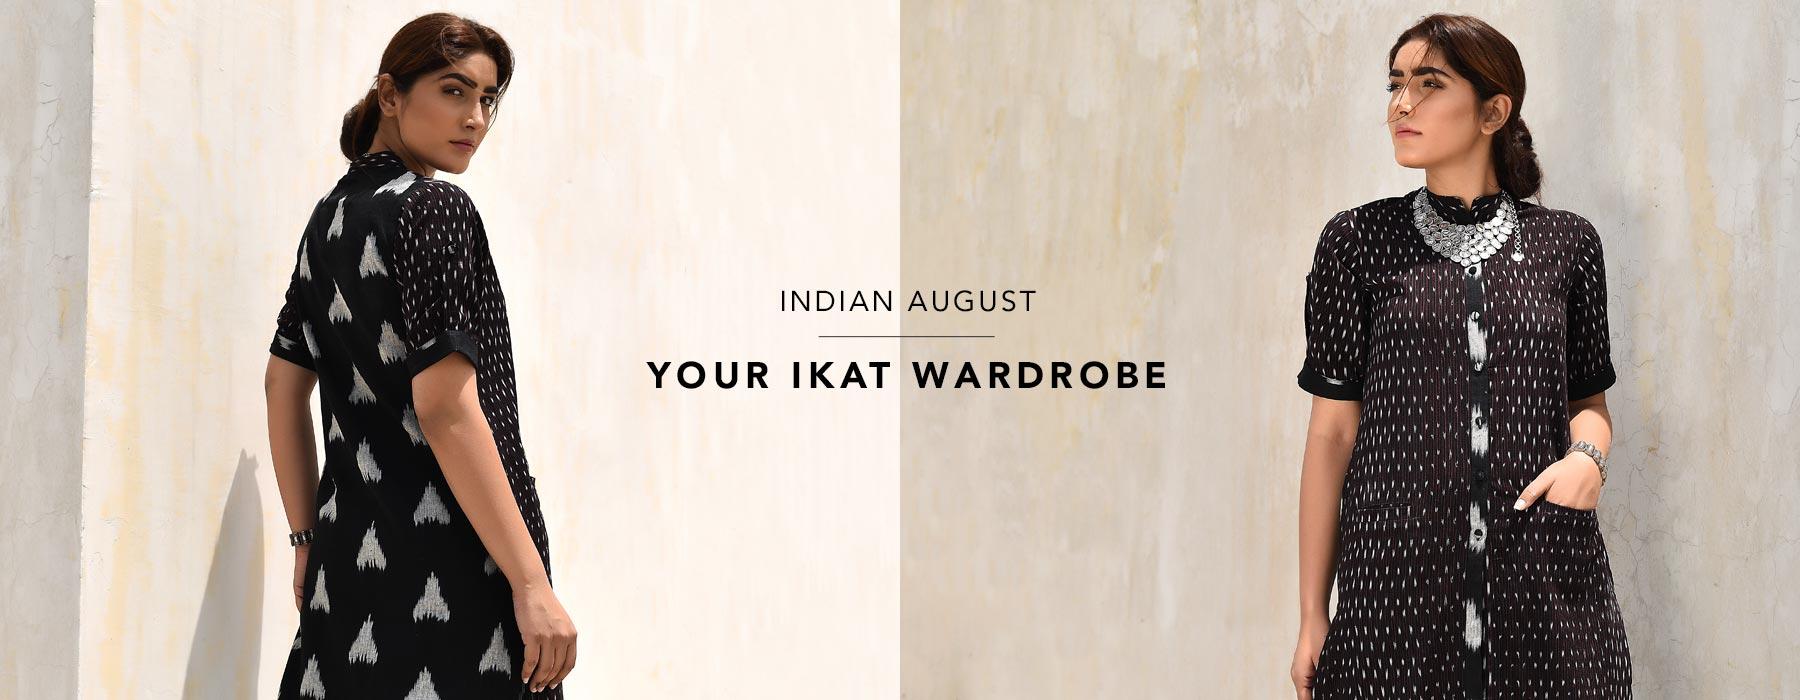 170407IAU015_IAU_Indian_August_6218